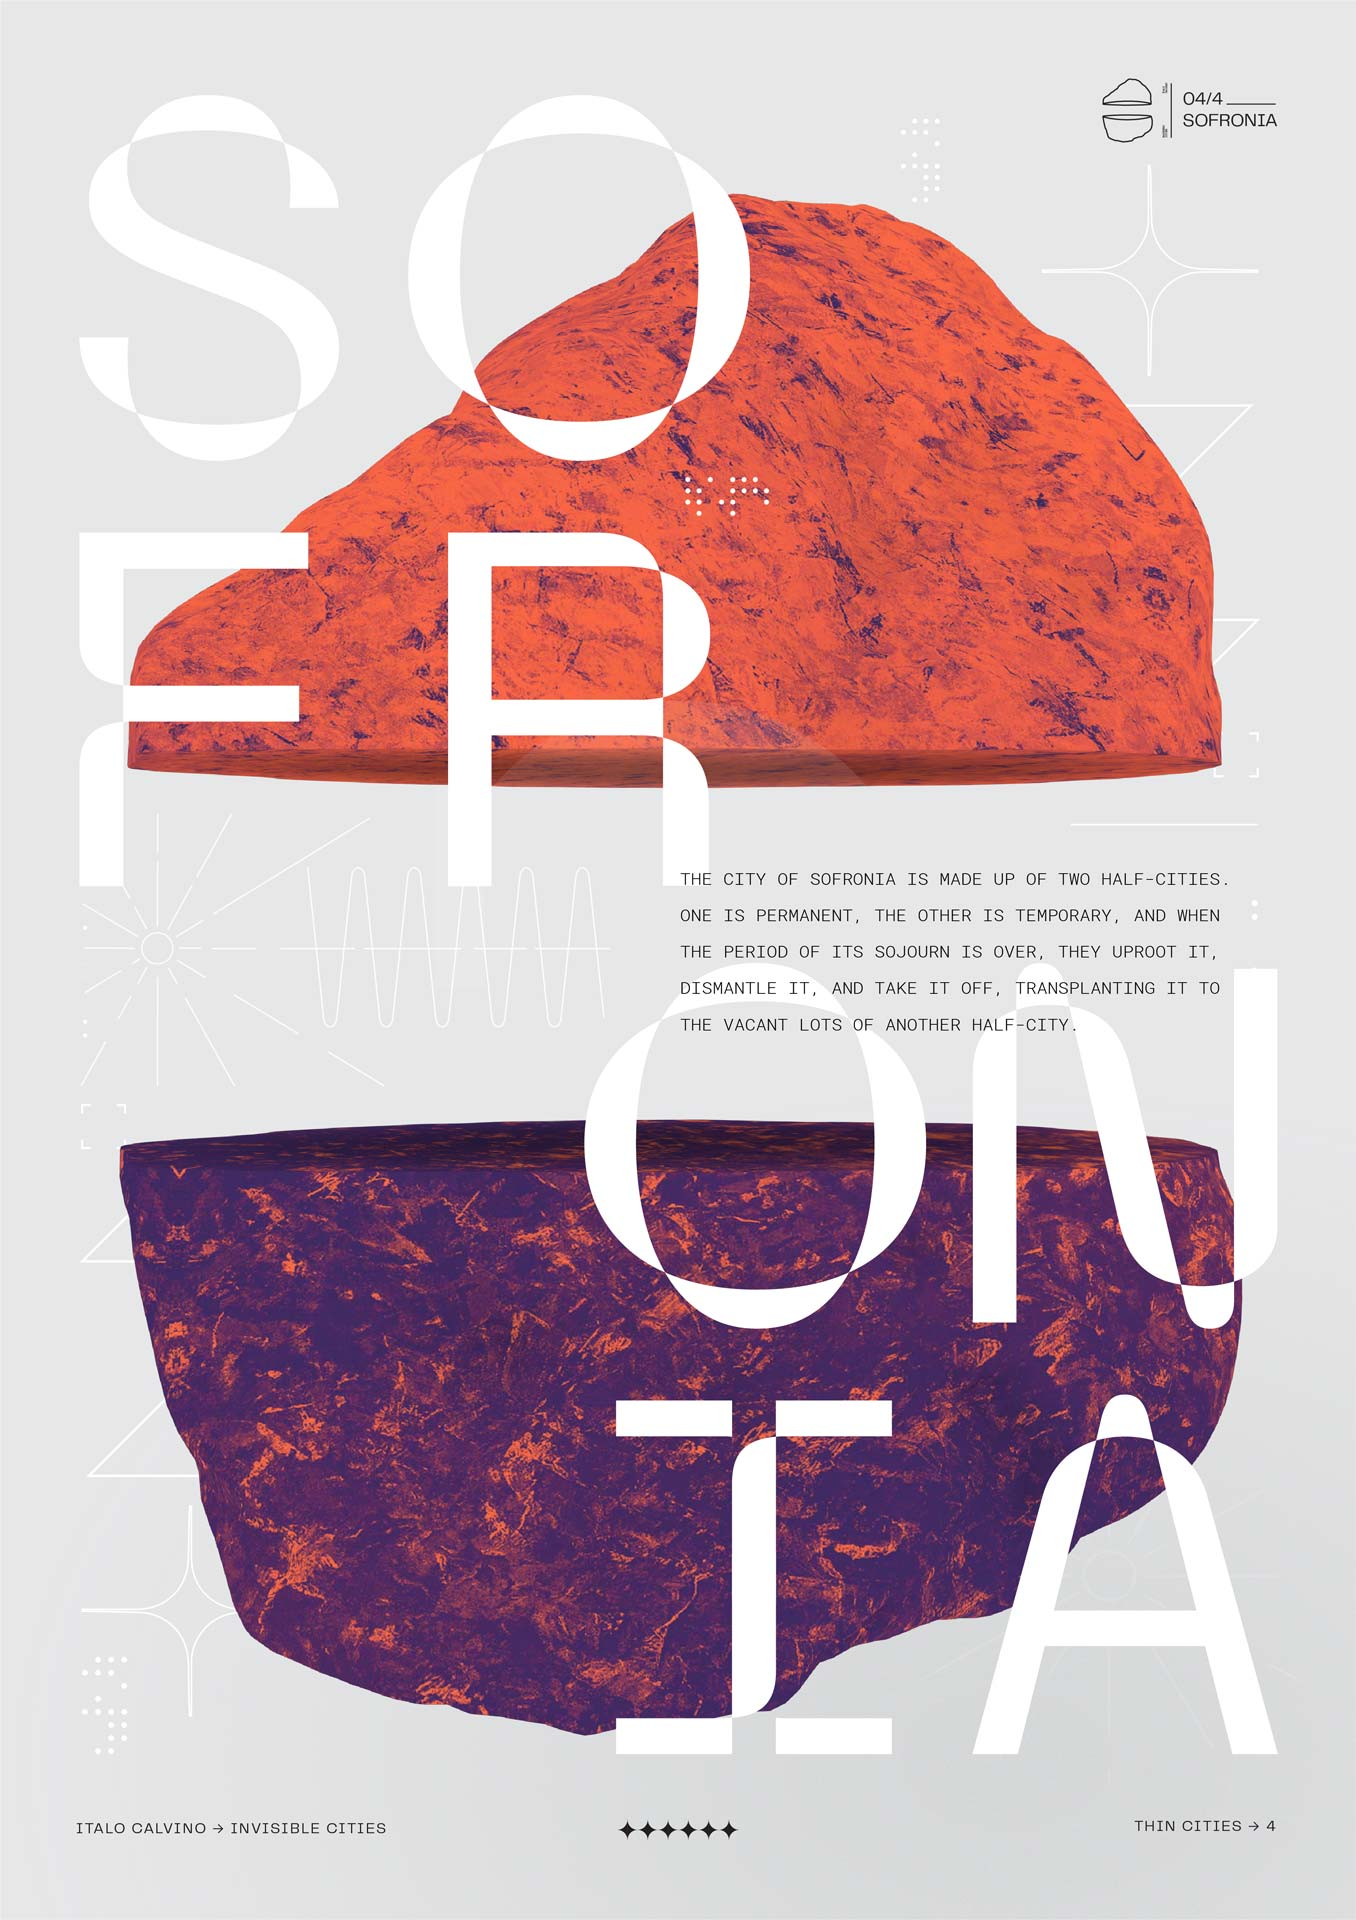 04-4_Sofronia-01-1920